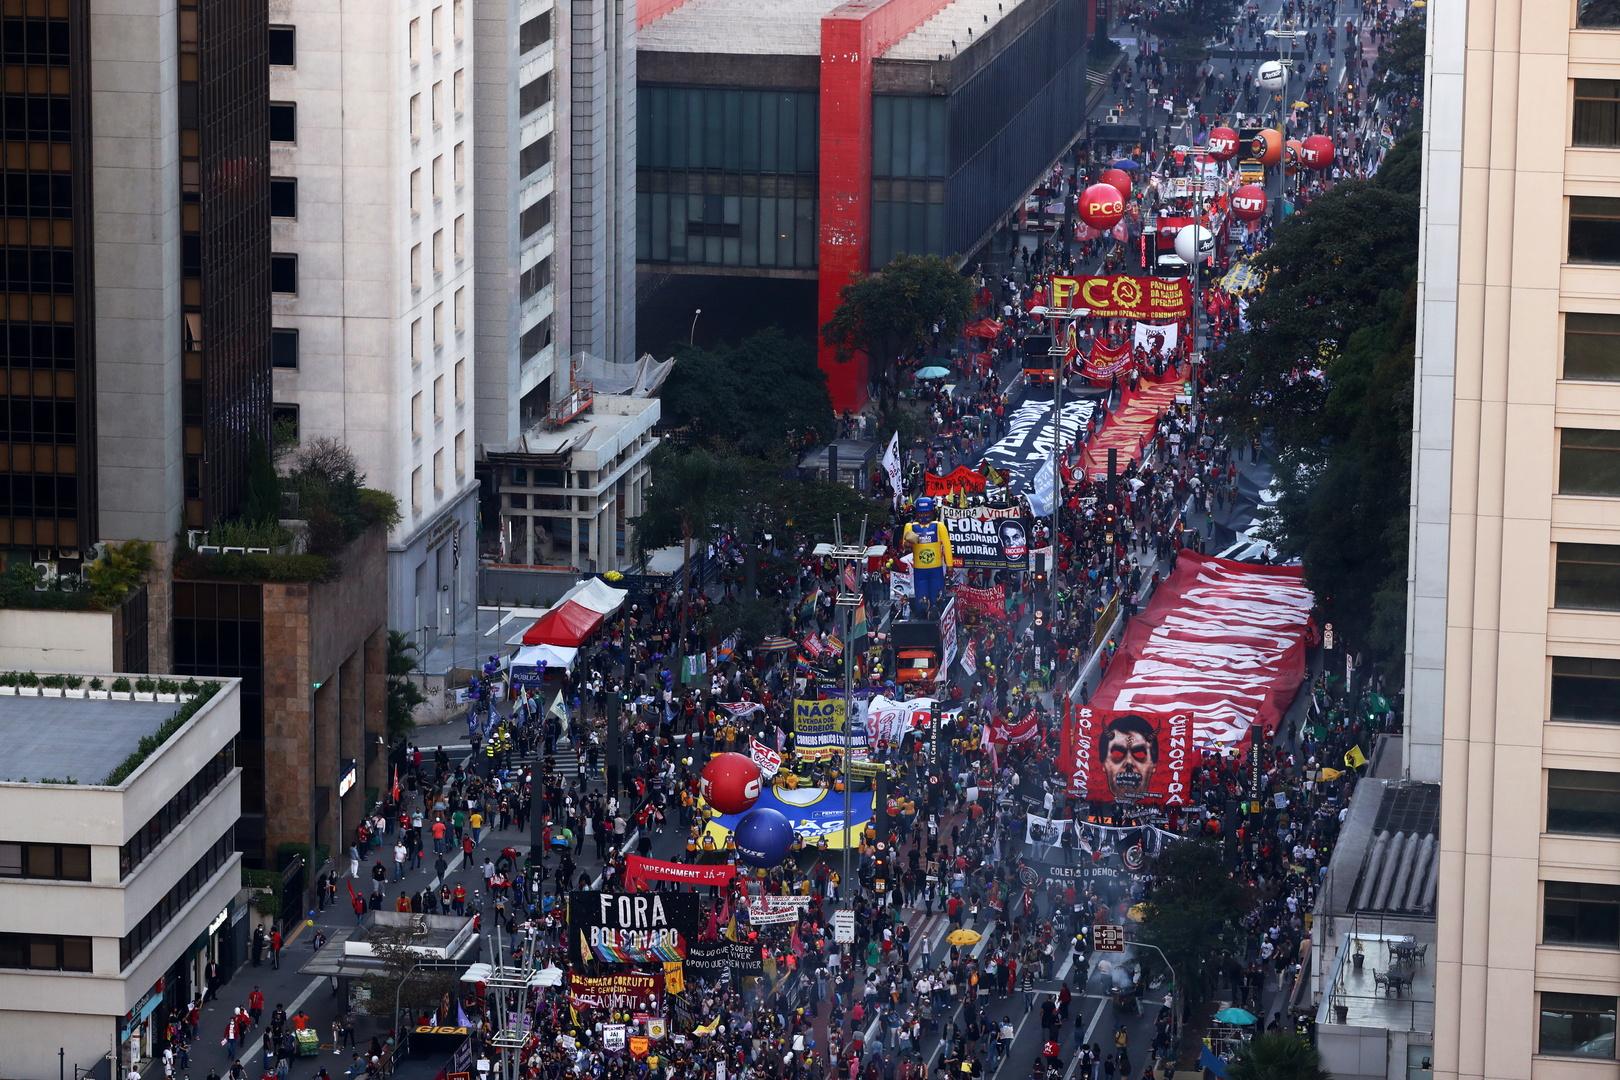 مظاهرات في شوارع مدن البرازيل تطالب بمساءلة بولسونارو